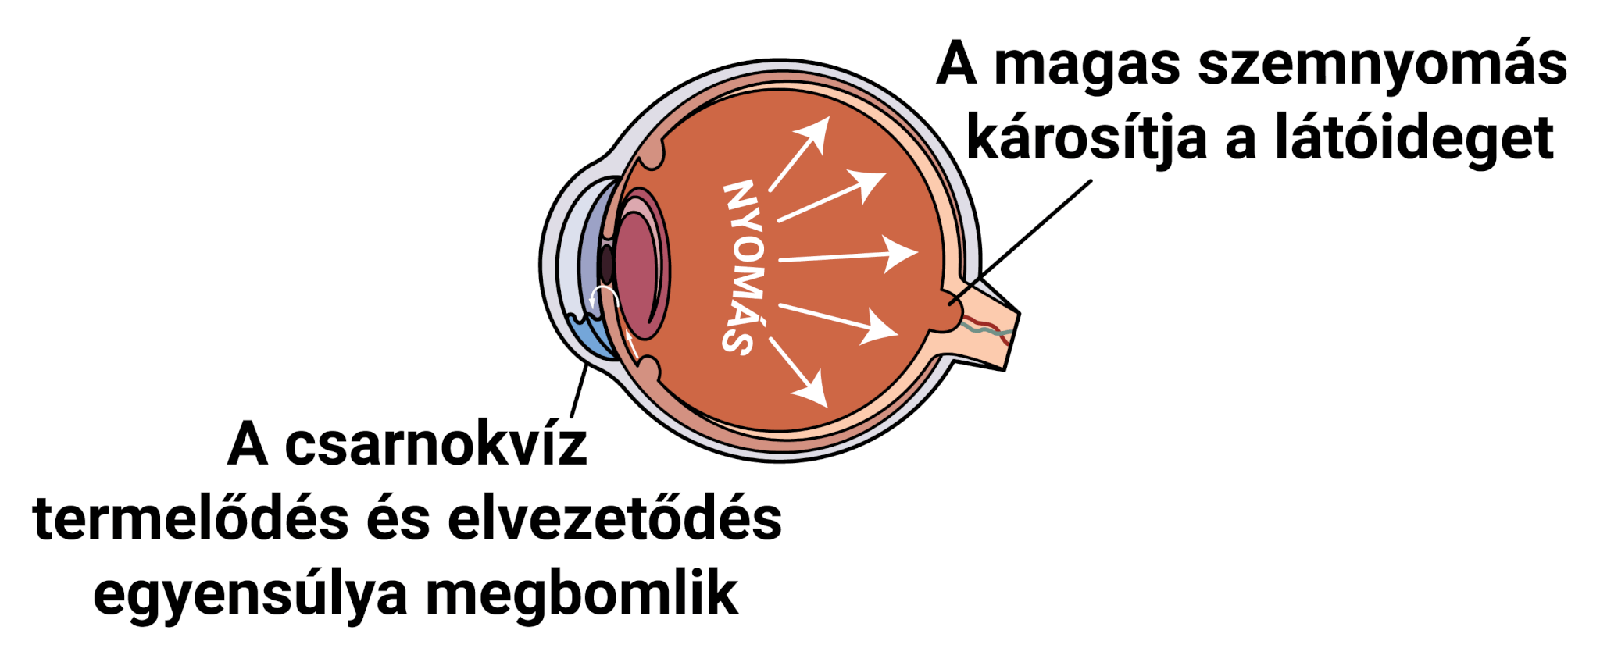 mit nevezzünk normális látásnak emlékiratok és látásmód